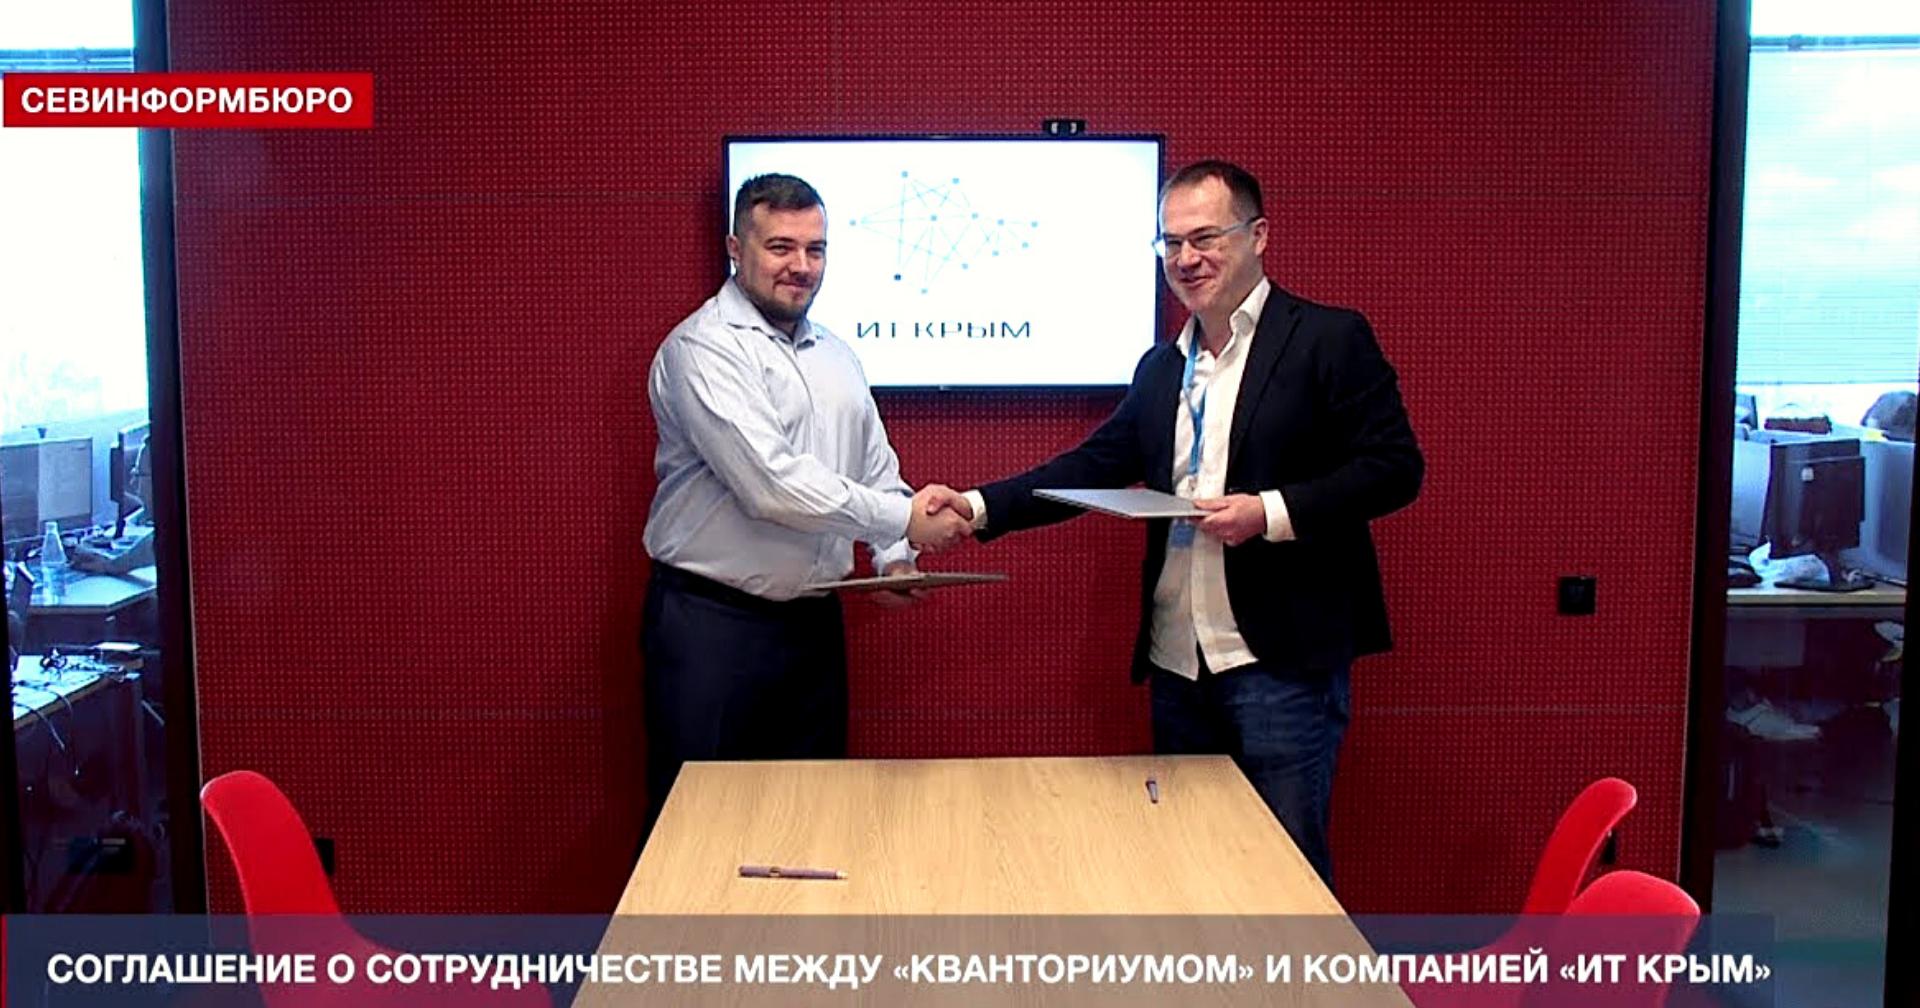 Синергия детского технопарка «Кванториум» и технопарка «ИТ Крым»